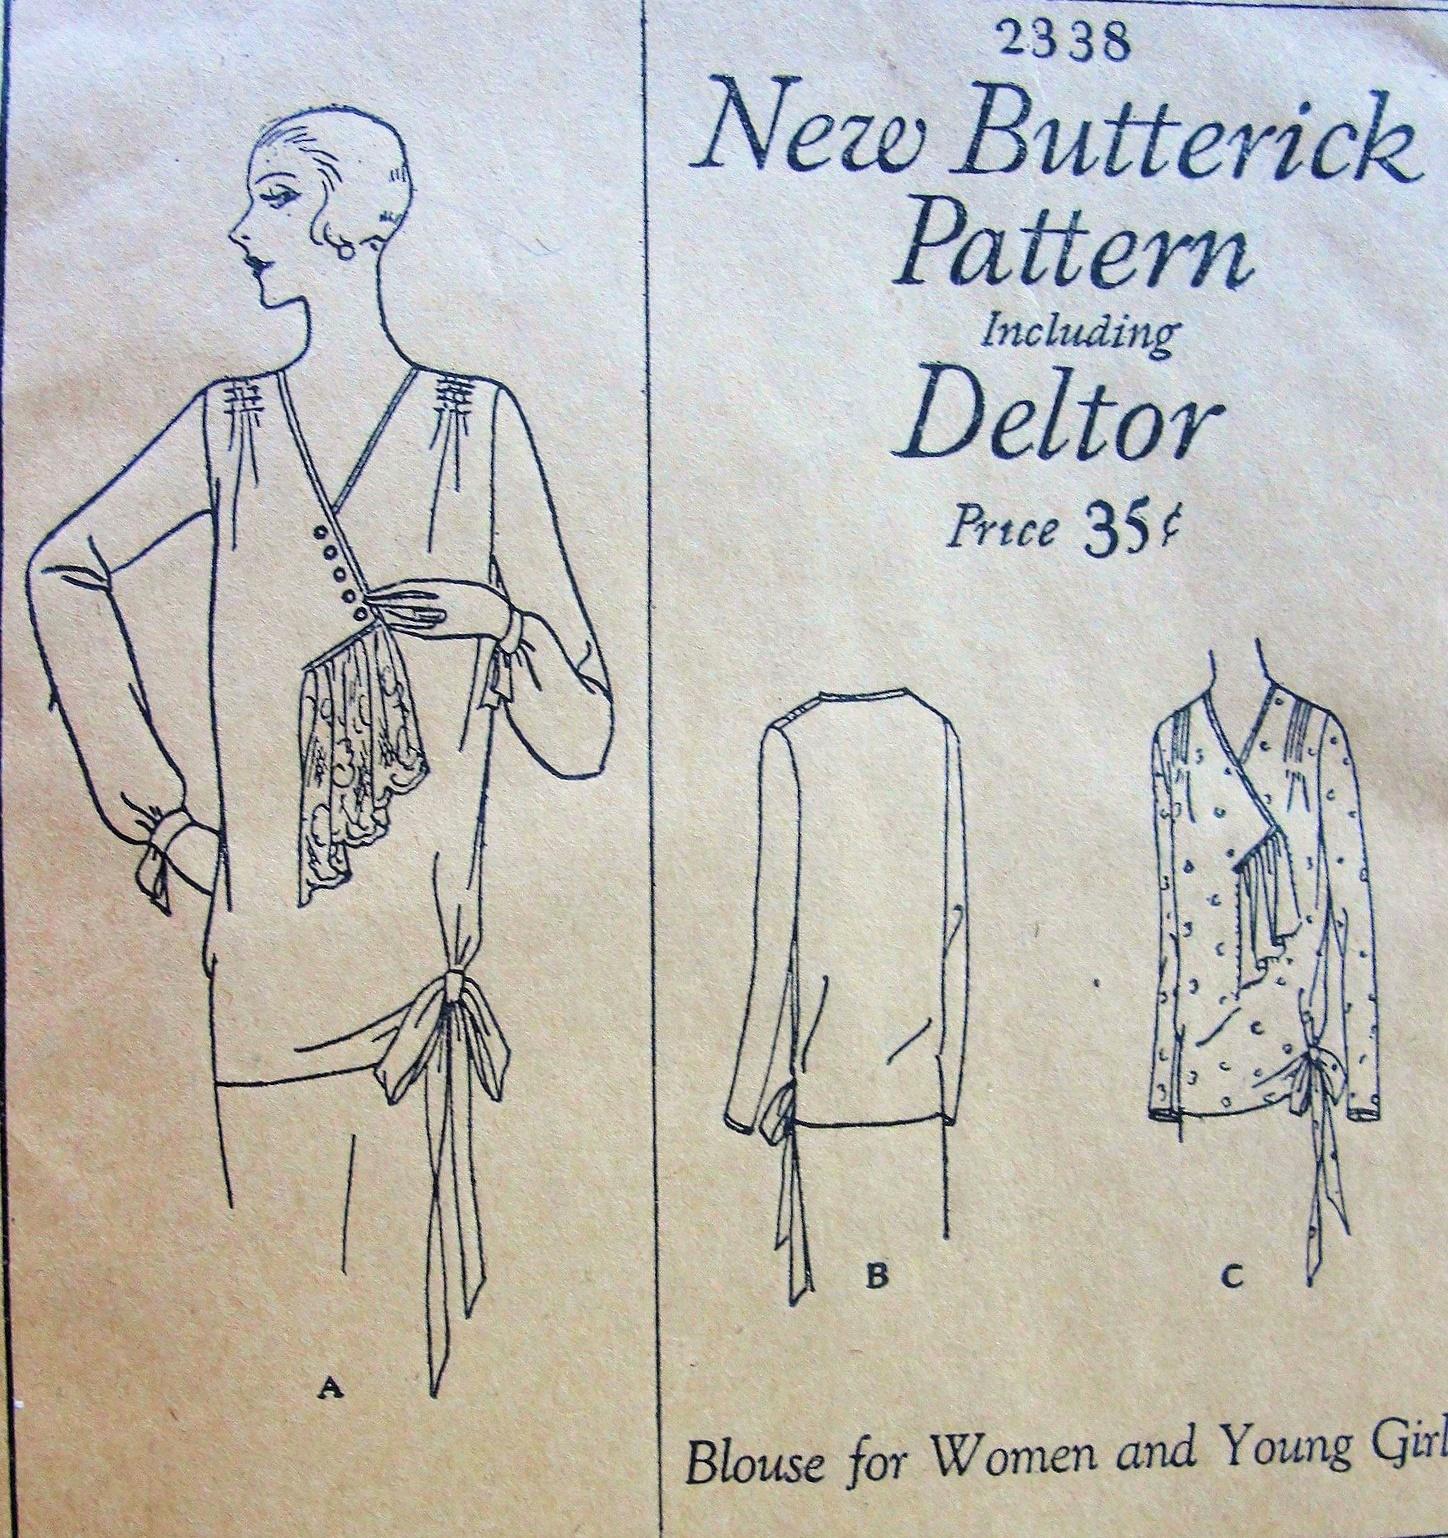 Butterick 2338